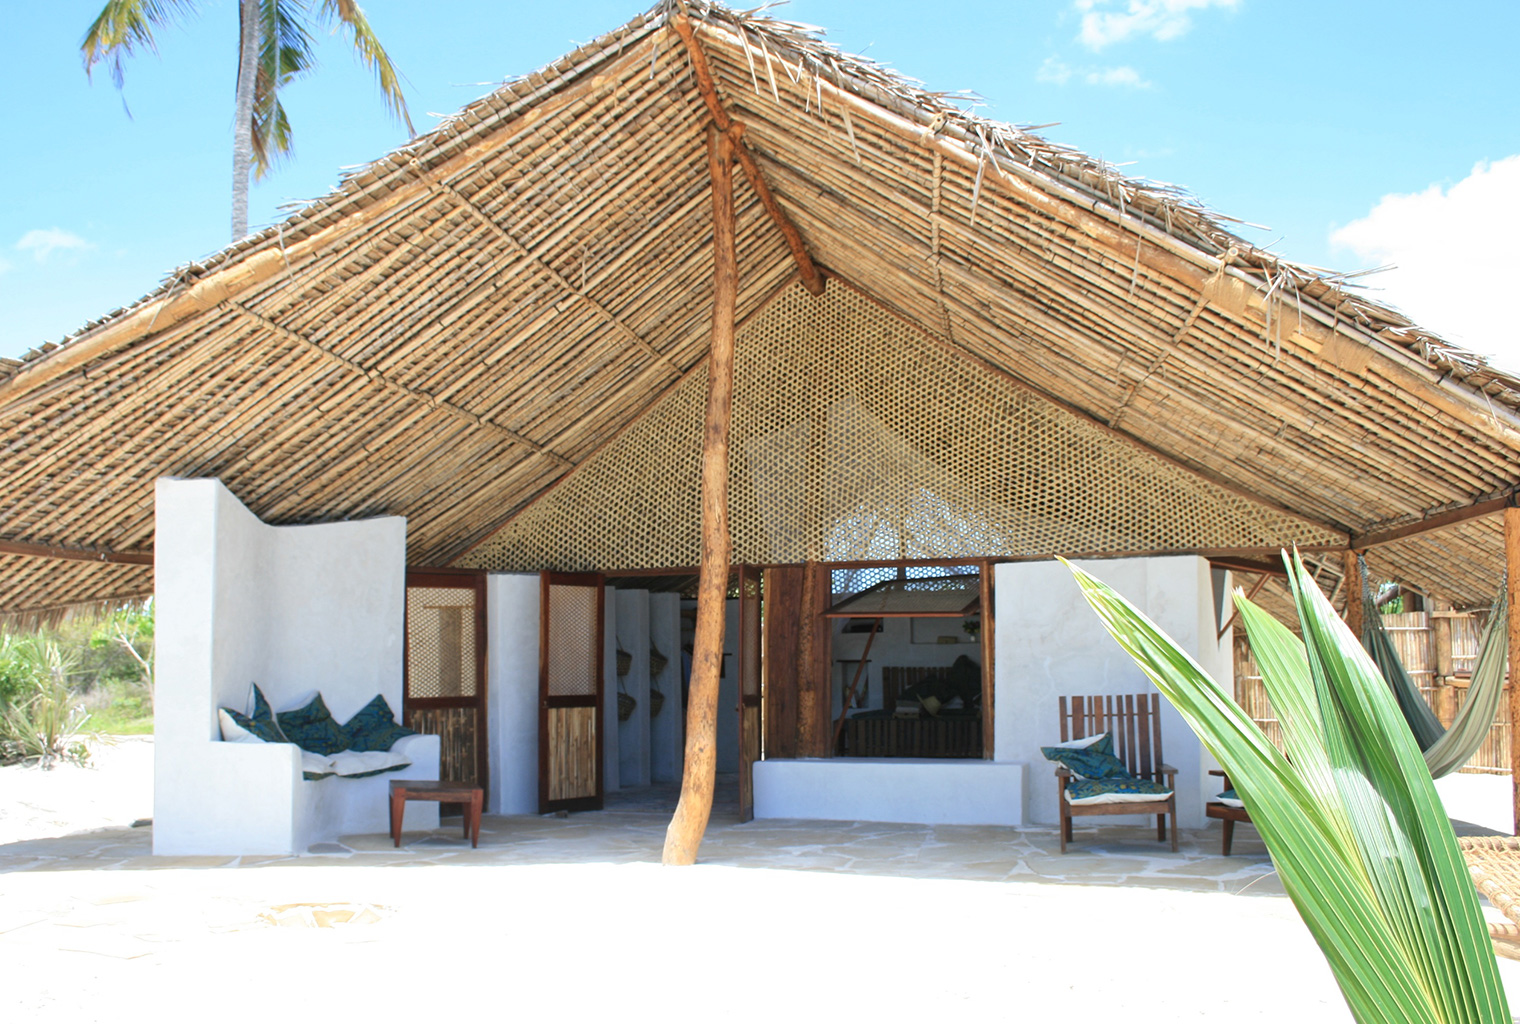 Guludo-Mozambique-Exterior-View